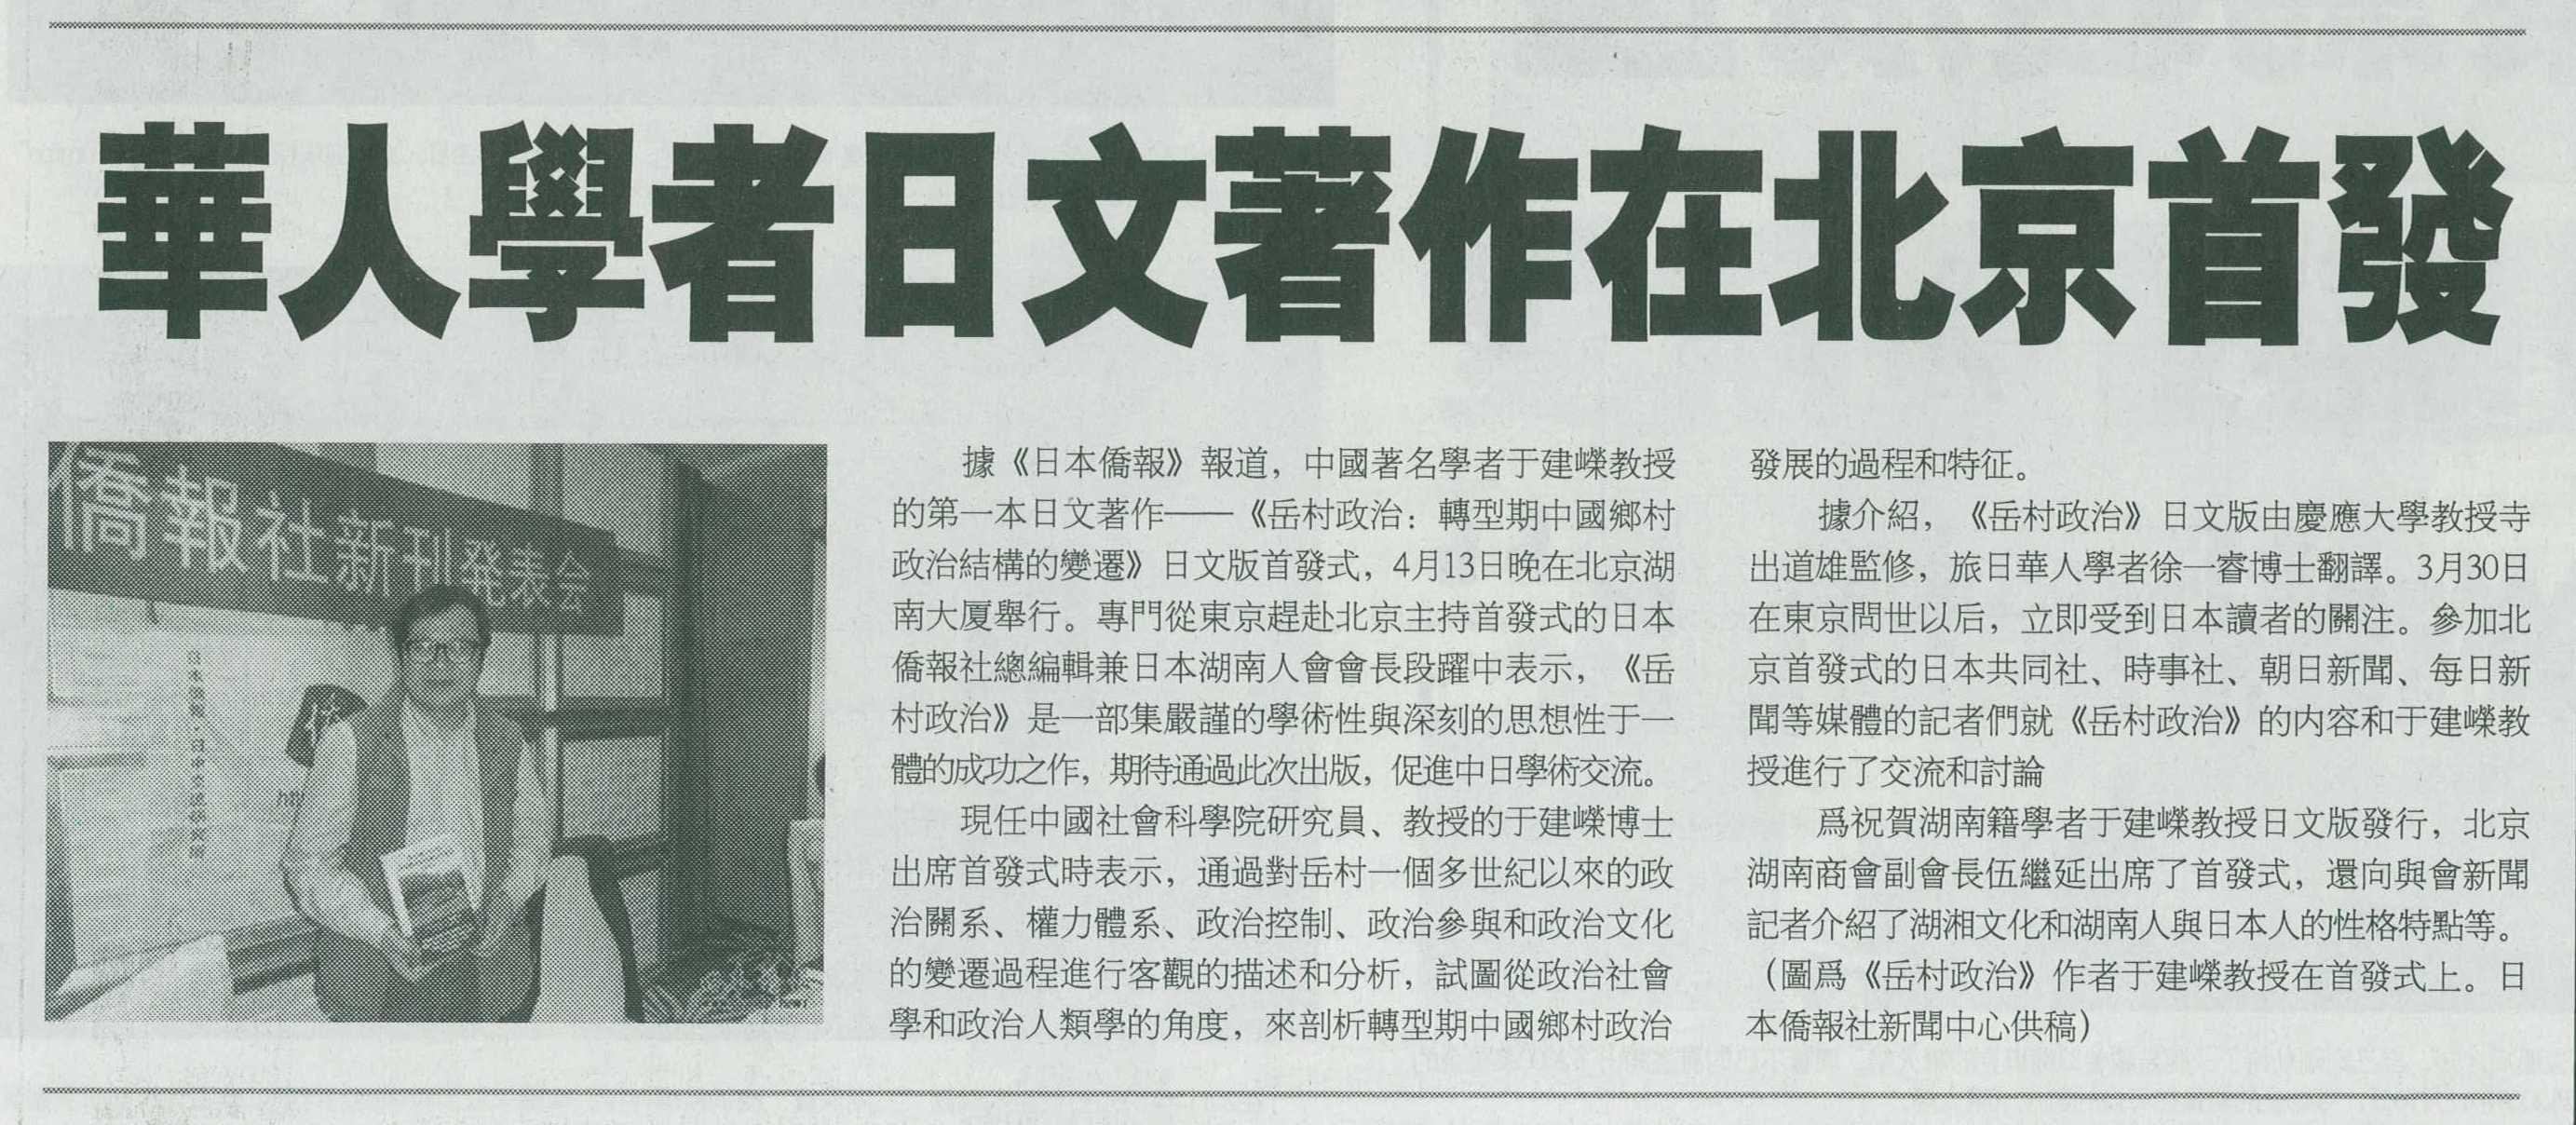 19日在东京出版的《阳光导报》转发了《岳村政治》日文版在北京首发的消息_d0027795_10325445.jpg